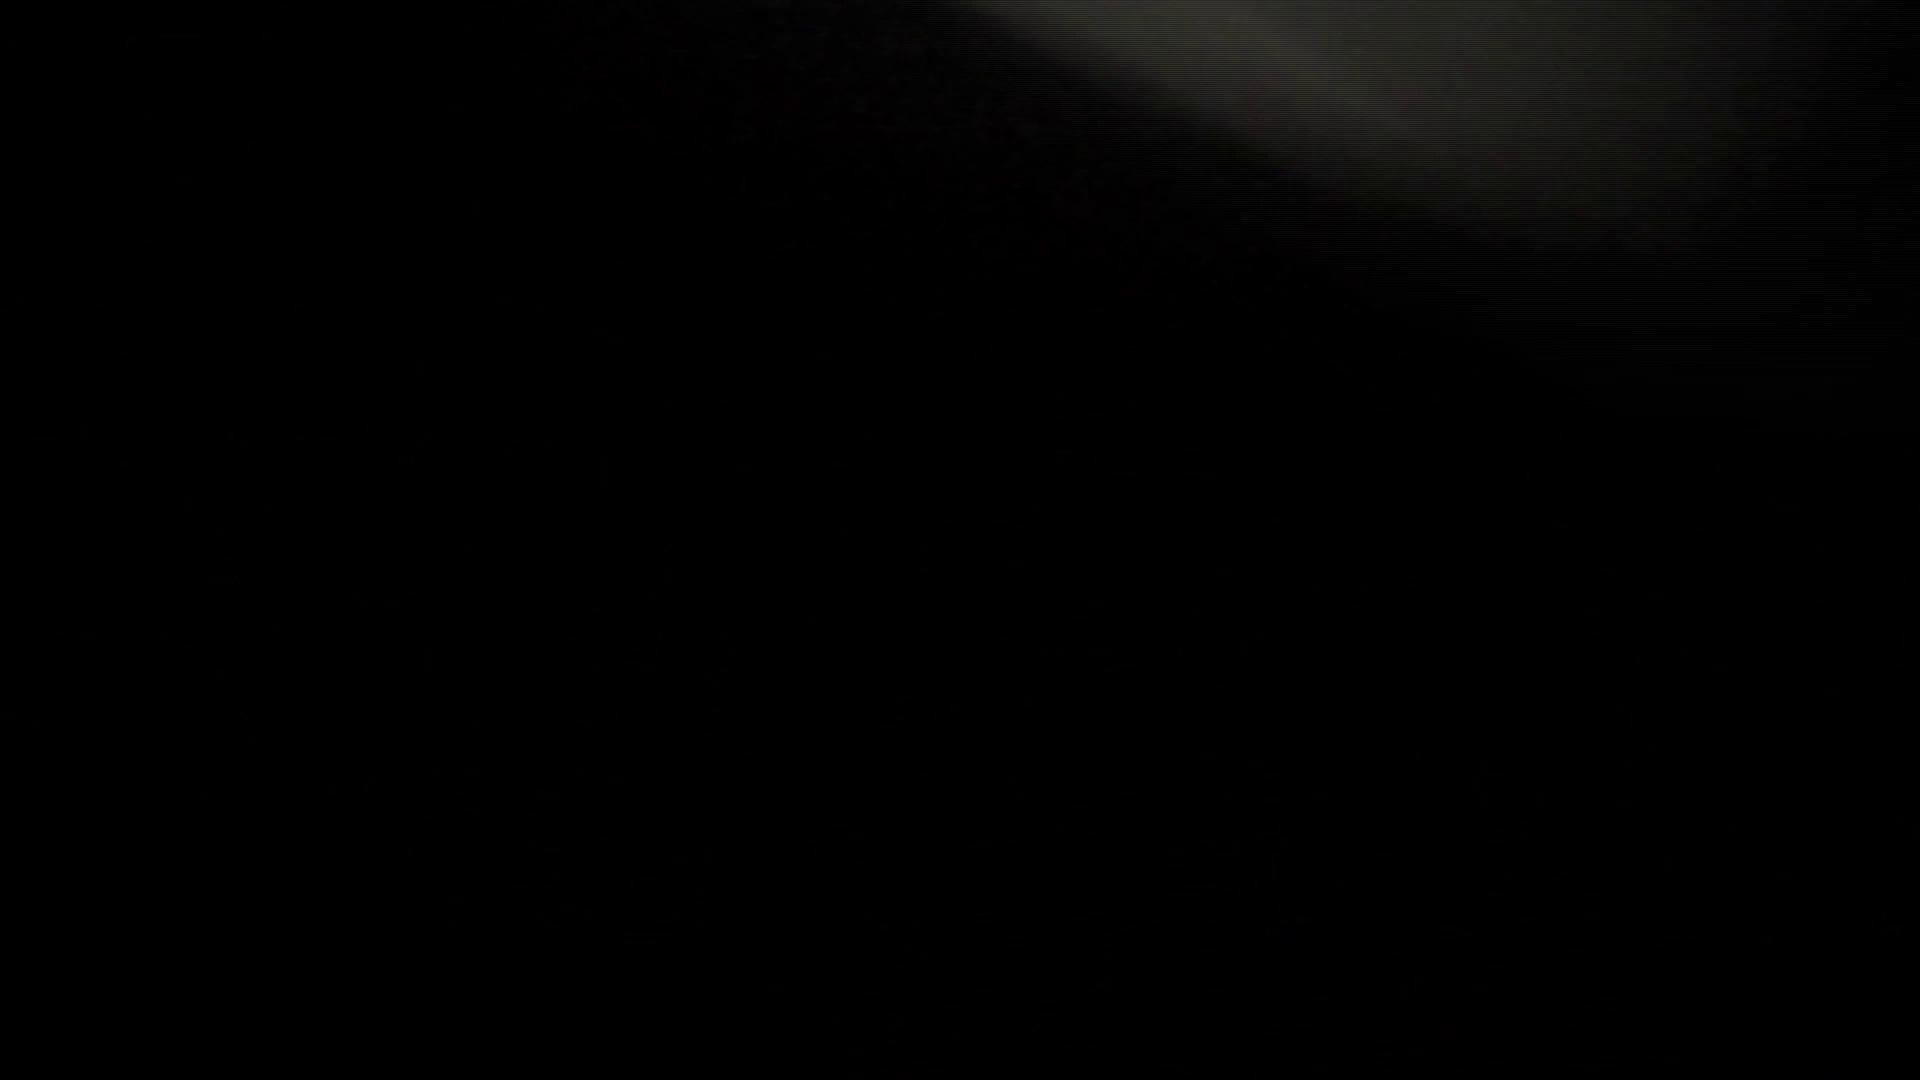 ステーション編 vol47 珍しい、毛からしたってくる聖水 高画質 AV無料動画キャプチャ 81枚 41